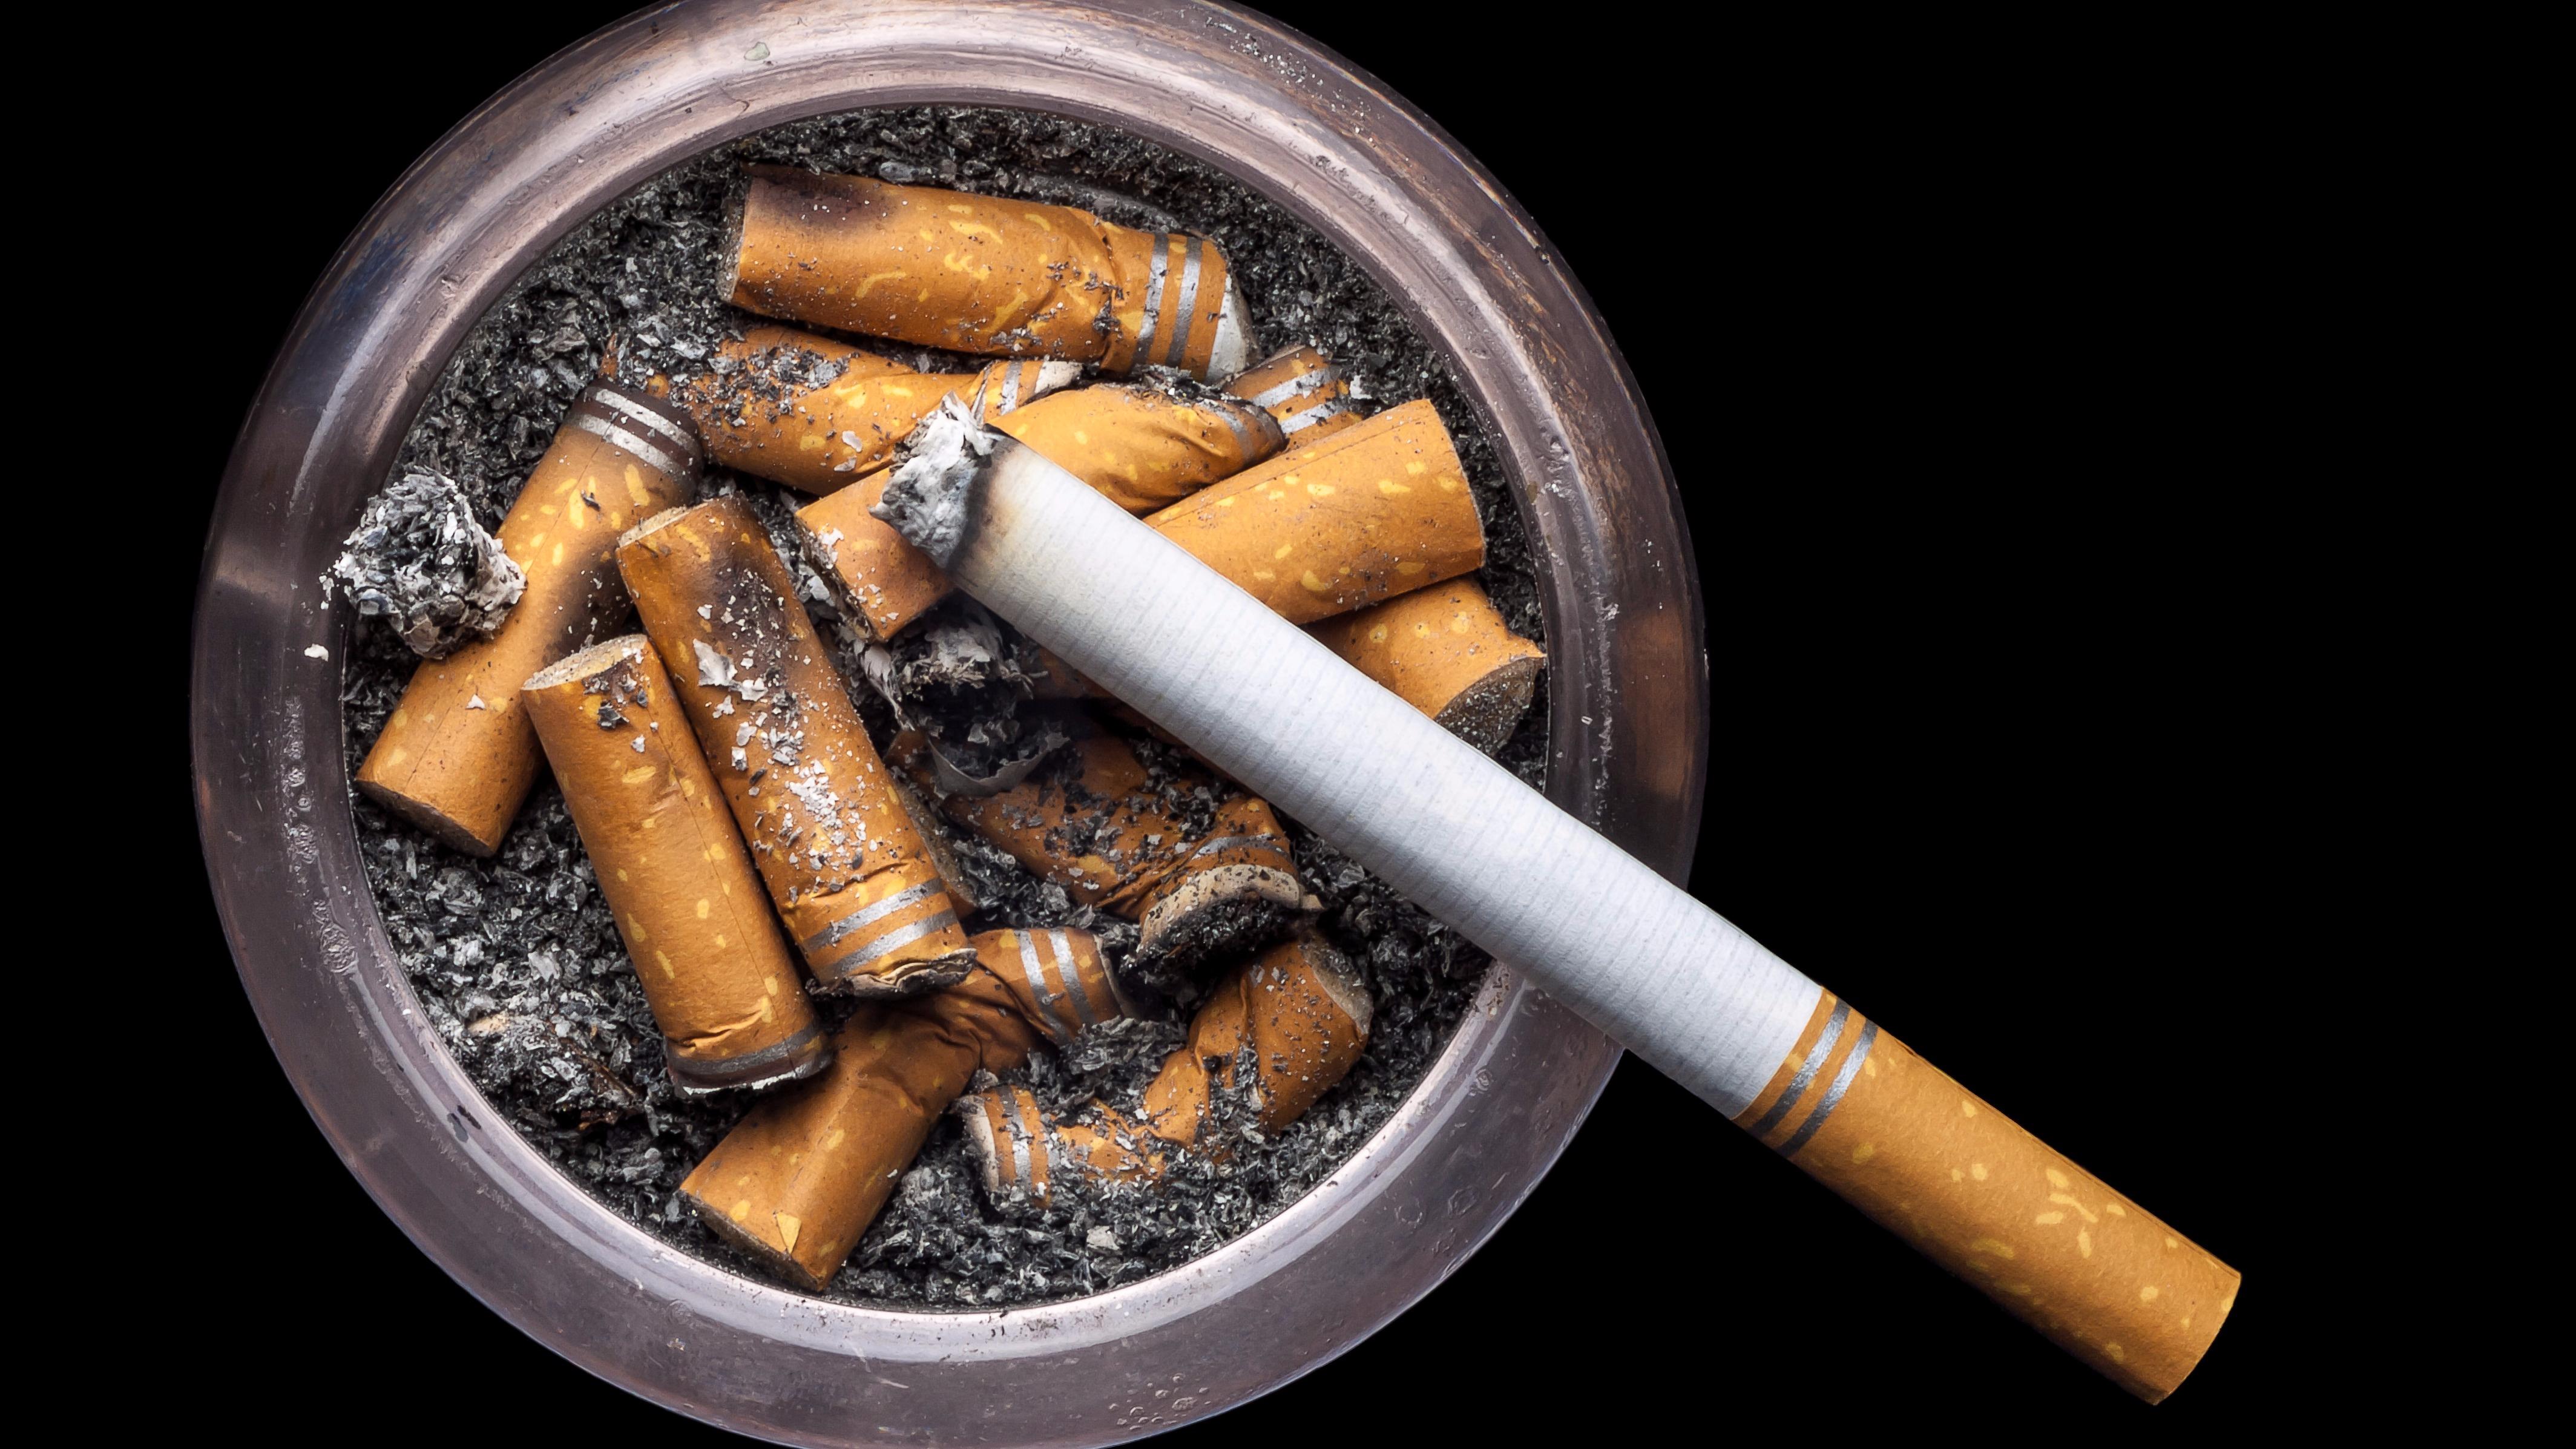 De acuerdo con el artículo científico, la exposición de estos restos de tabaco nos predispone a padecer de diabetes tipo 2, por ejemplo.